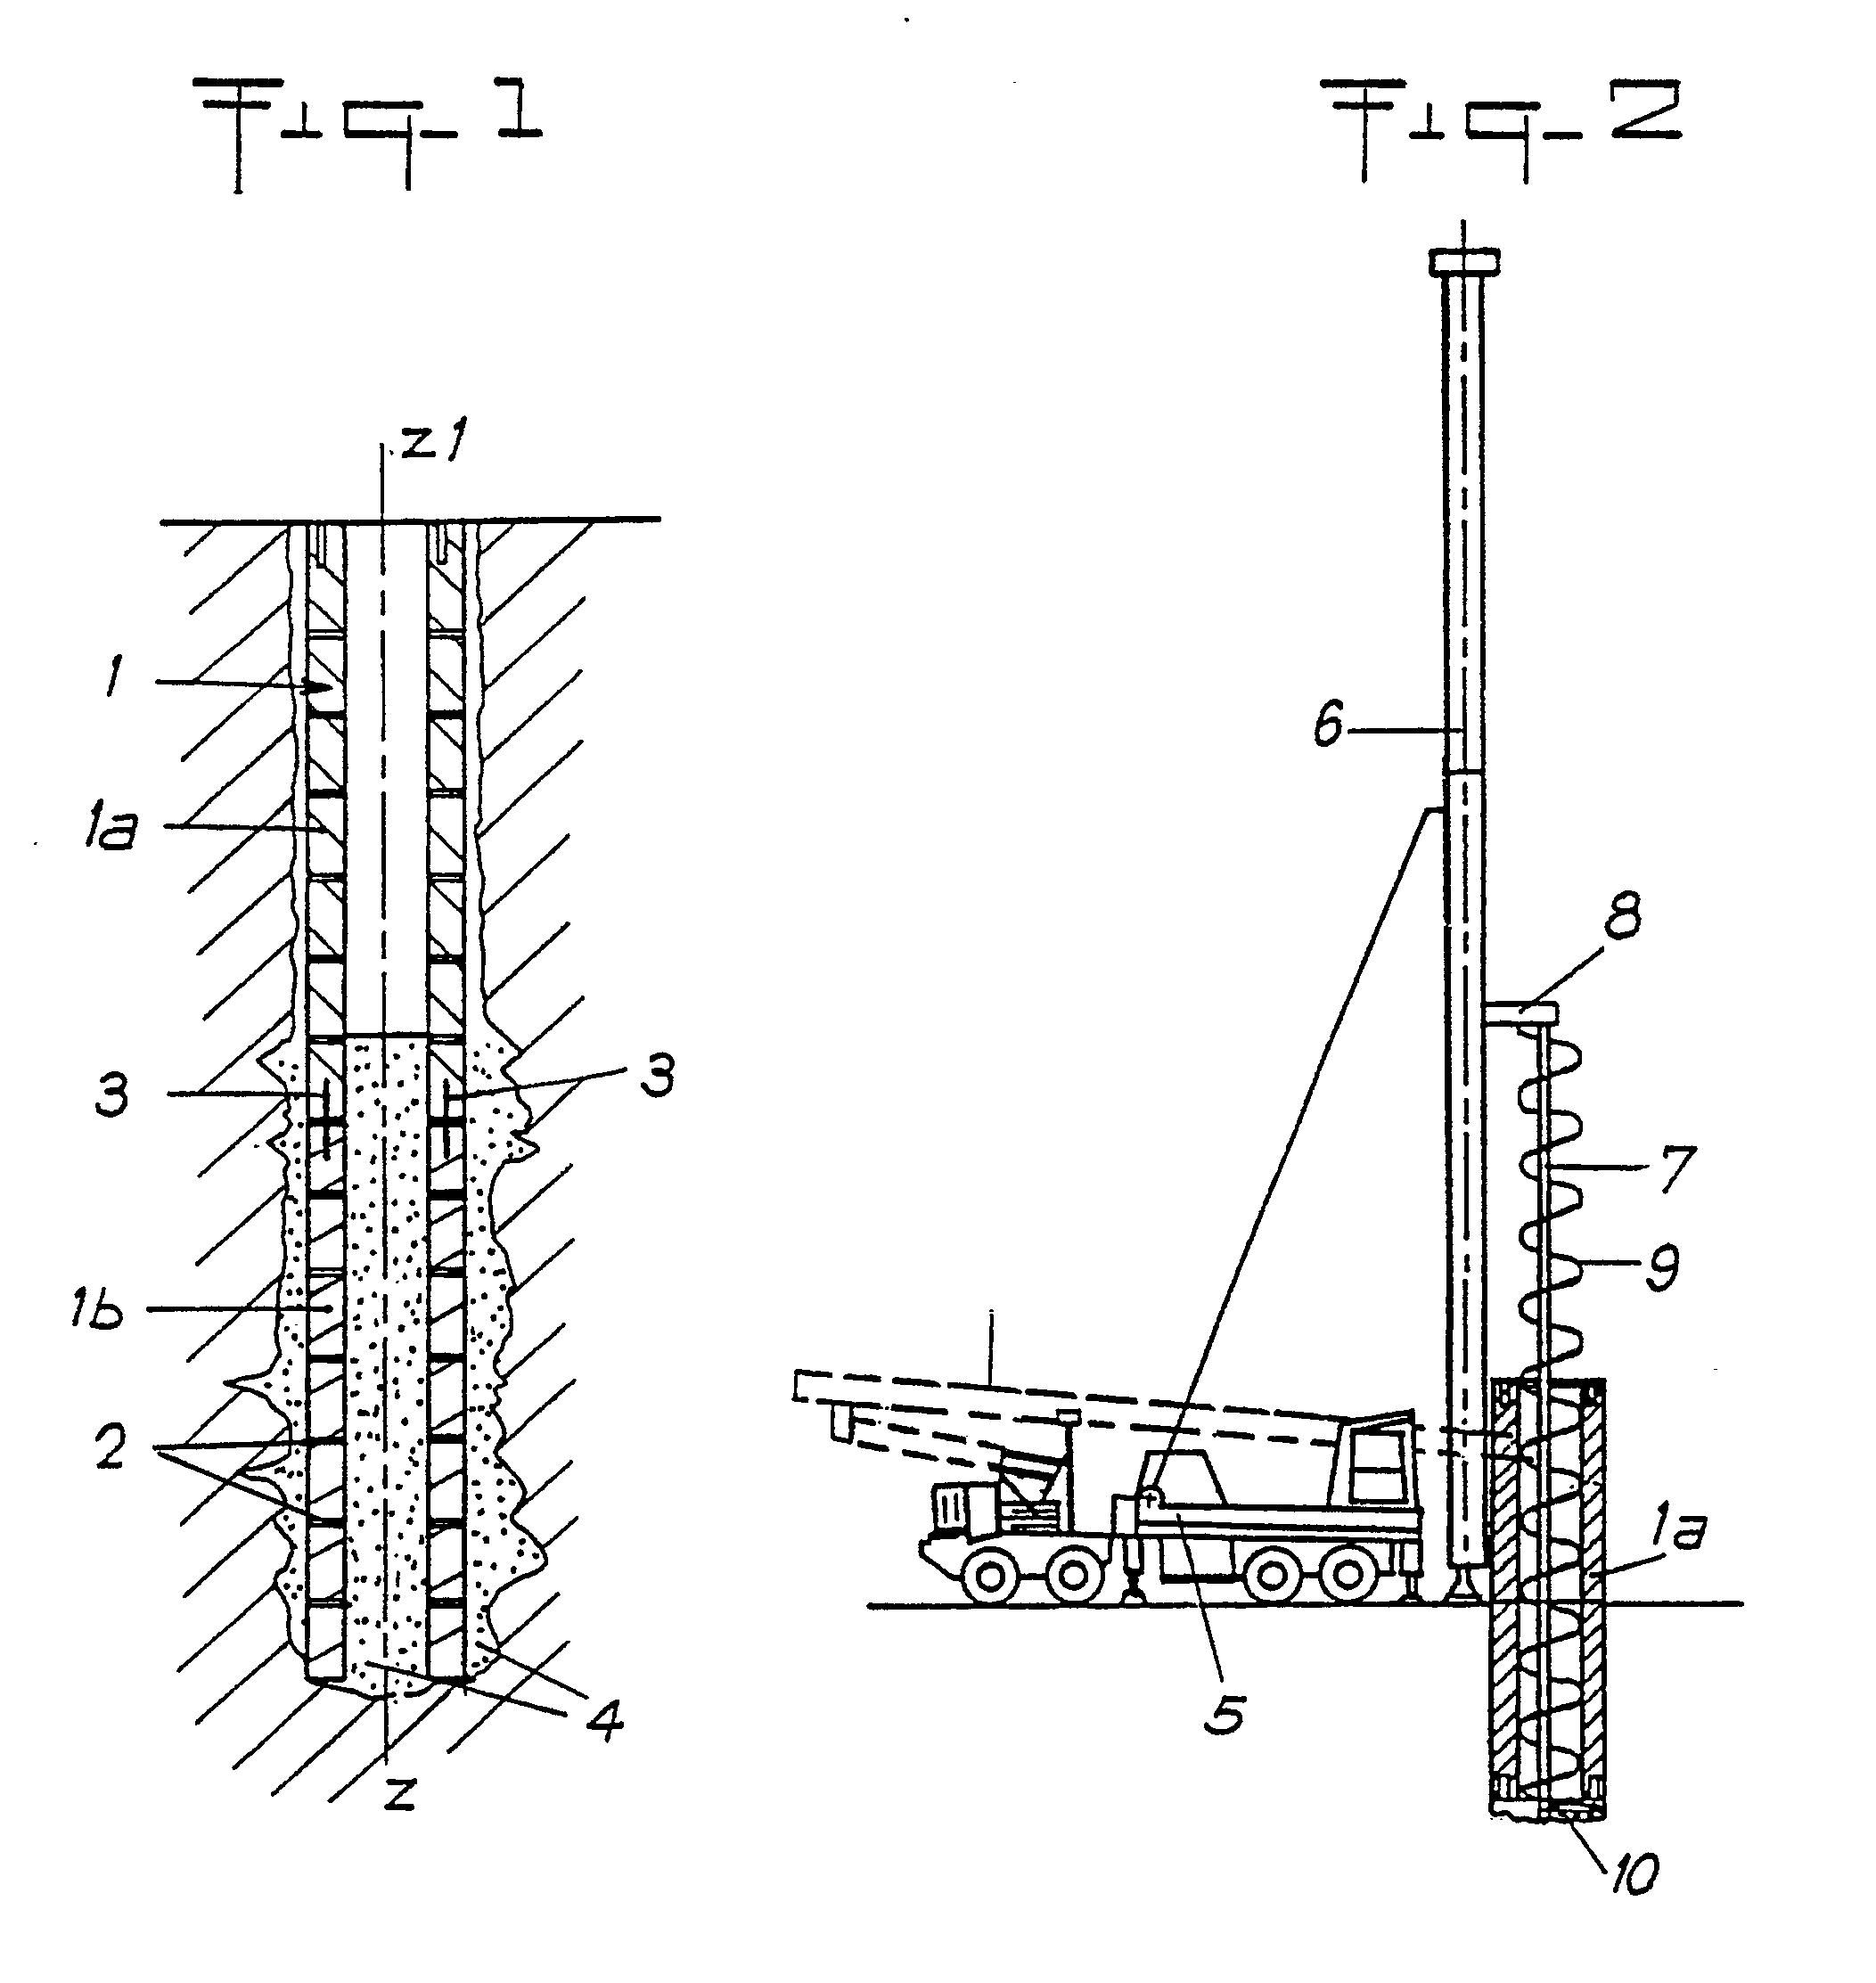 patent ep0404703a1 pieux de fondation proc d s outils et machines pour la construction. Black Bedroom Furniture Sets. Home Design Ideas